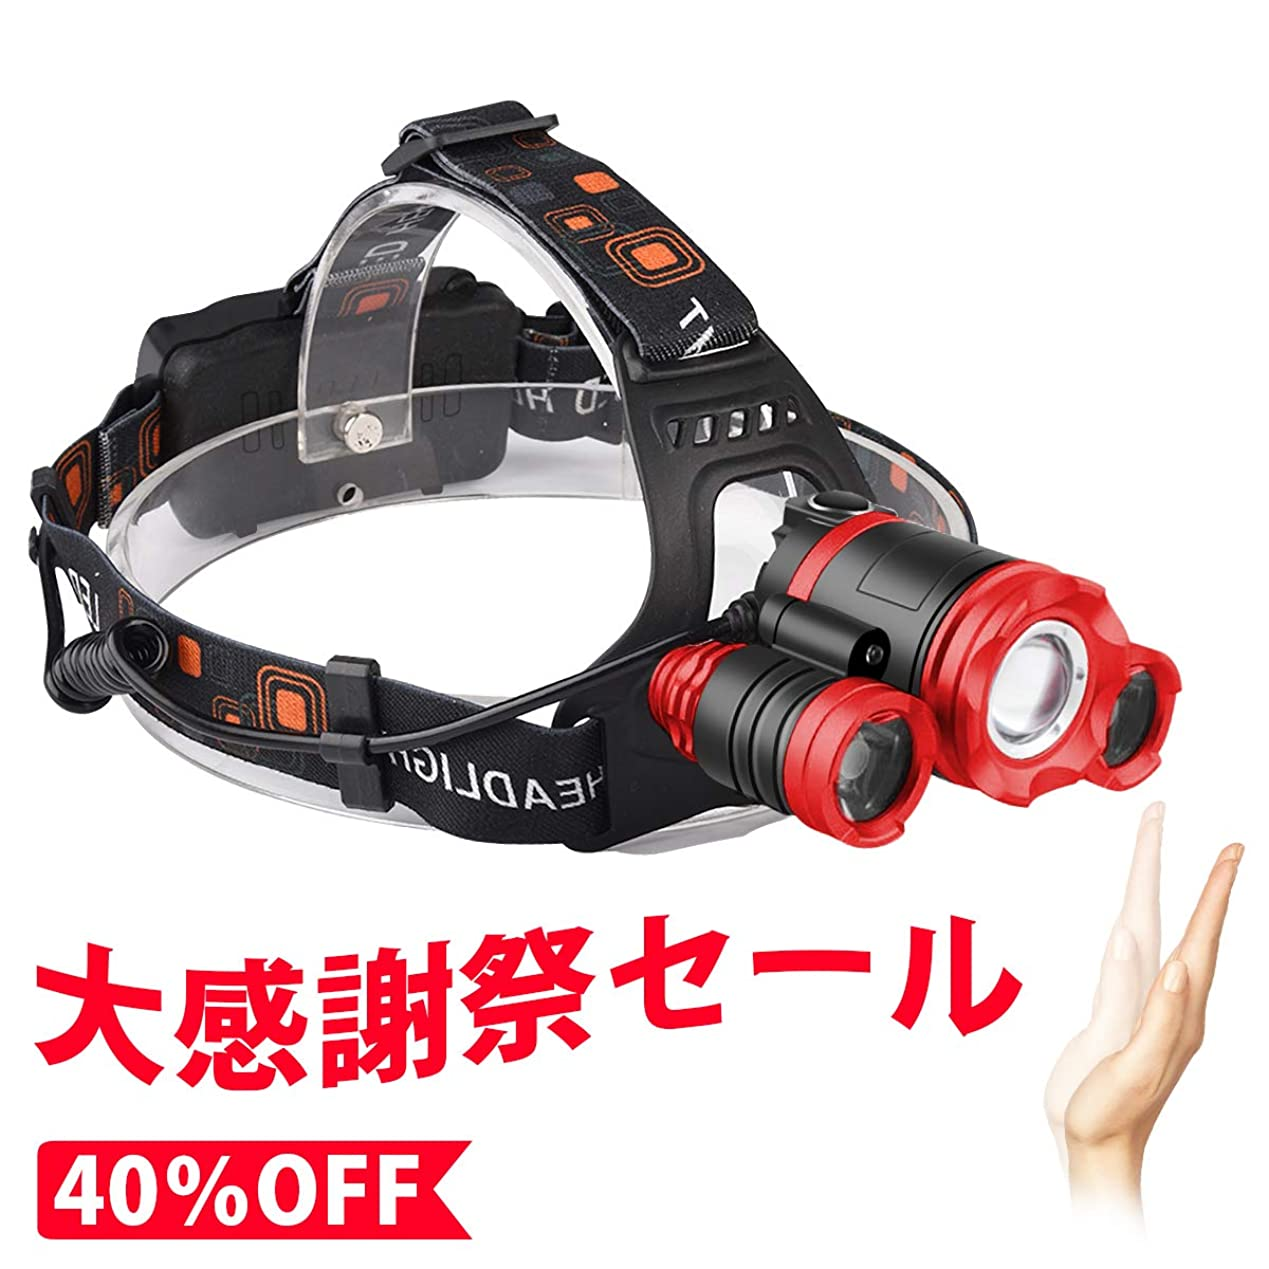 お客様予想外判読できないHoosoome LEDヘッドライト USB充電式 4点灯モード